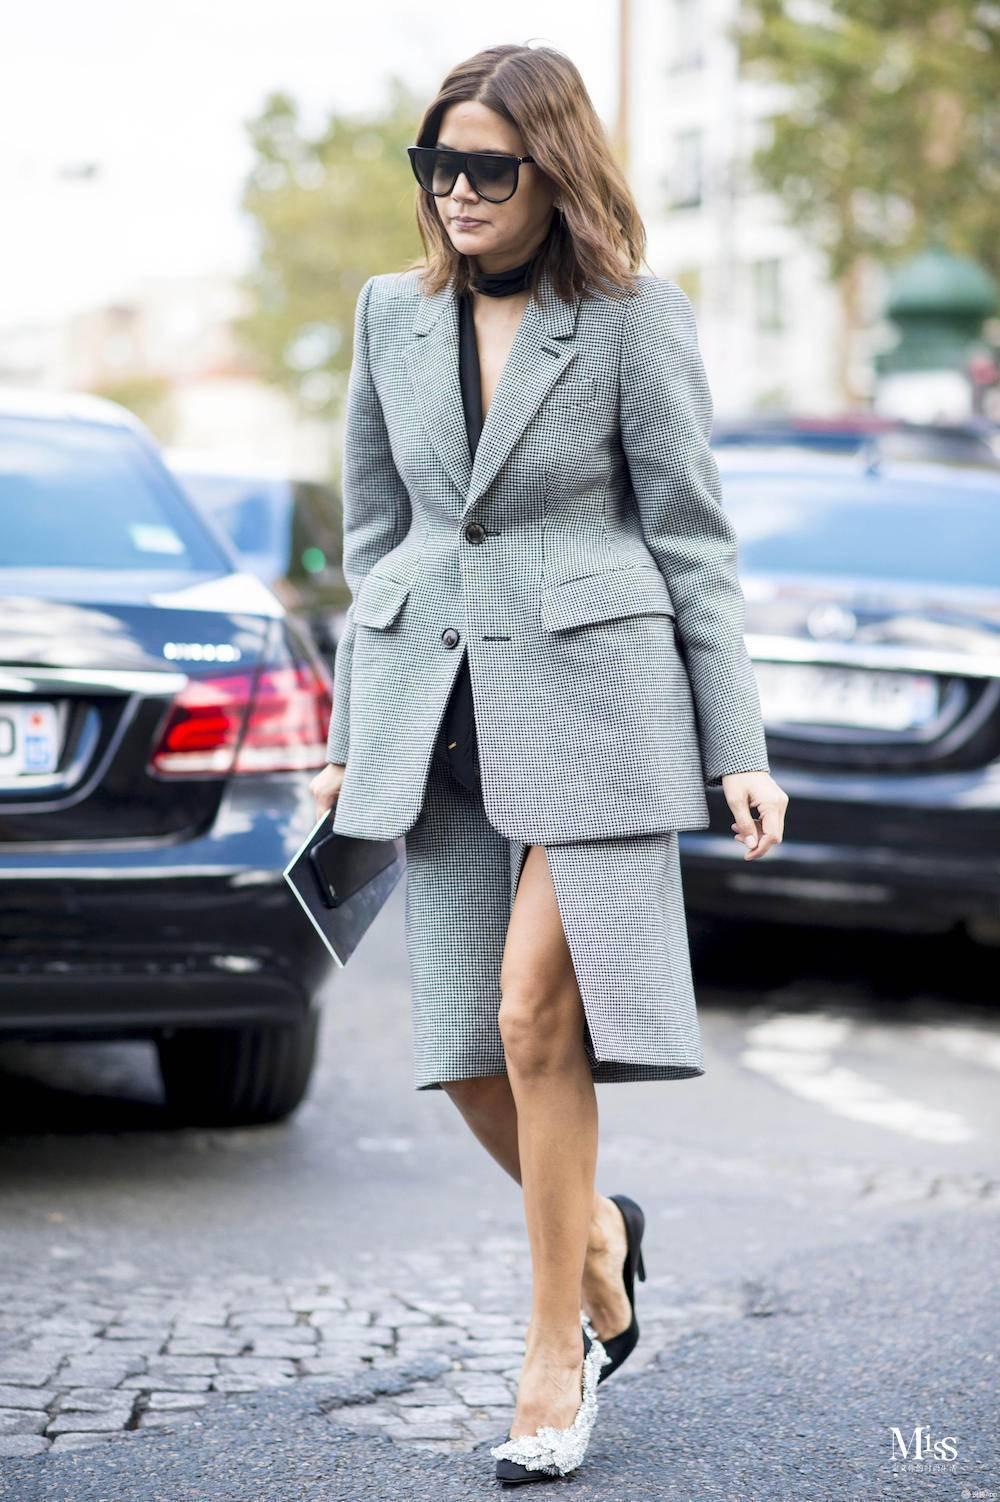 30岁女人的穿衣哲学 自我投资才是爱自己的最好方式